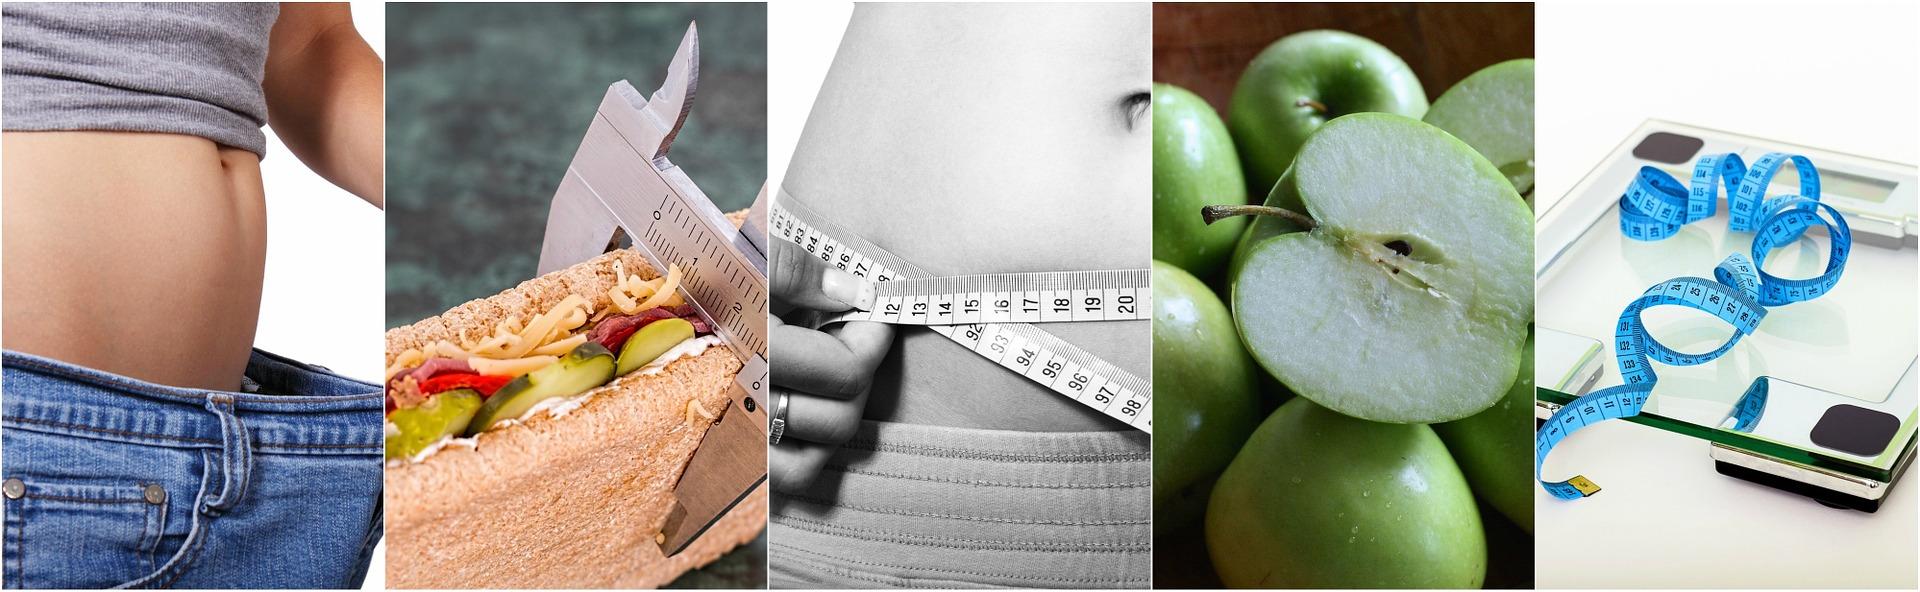 najbolje namirnice za mrsavljenje trebate brzo smršavjeti i centimetre